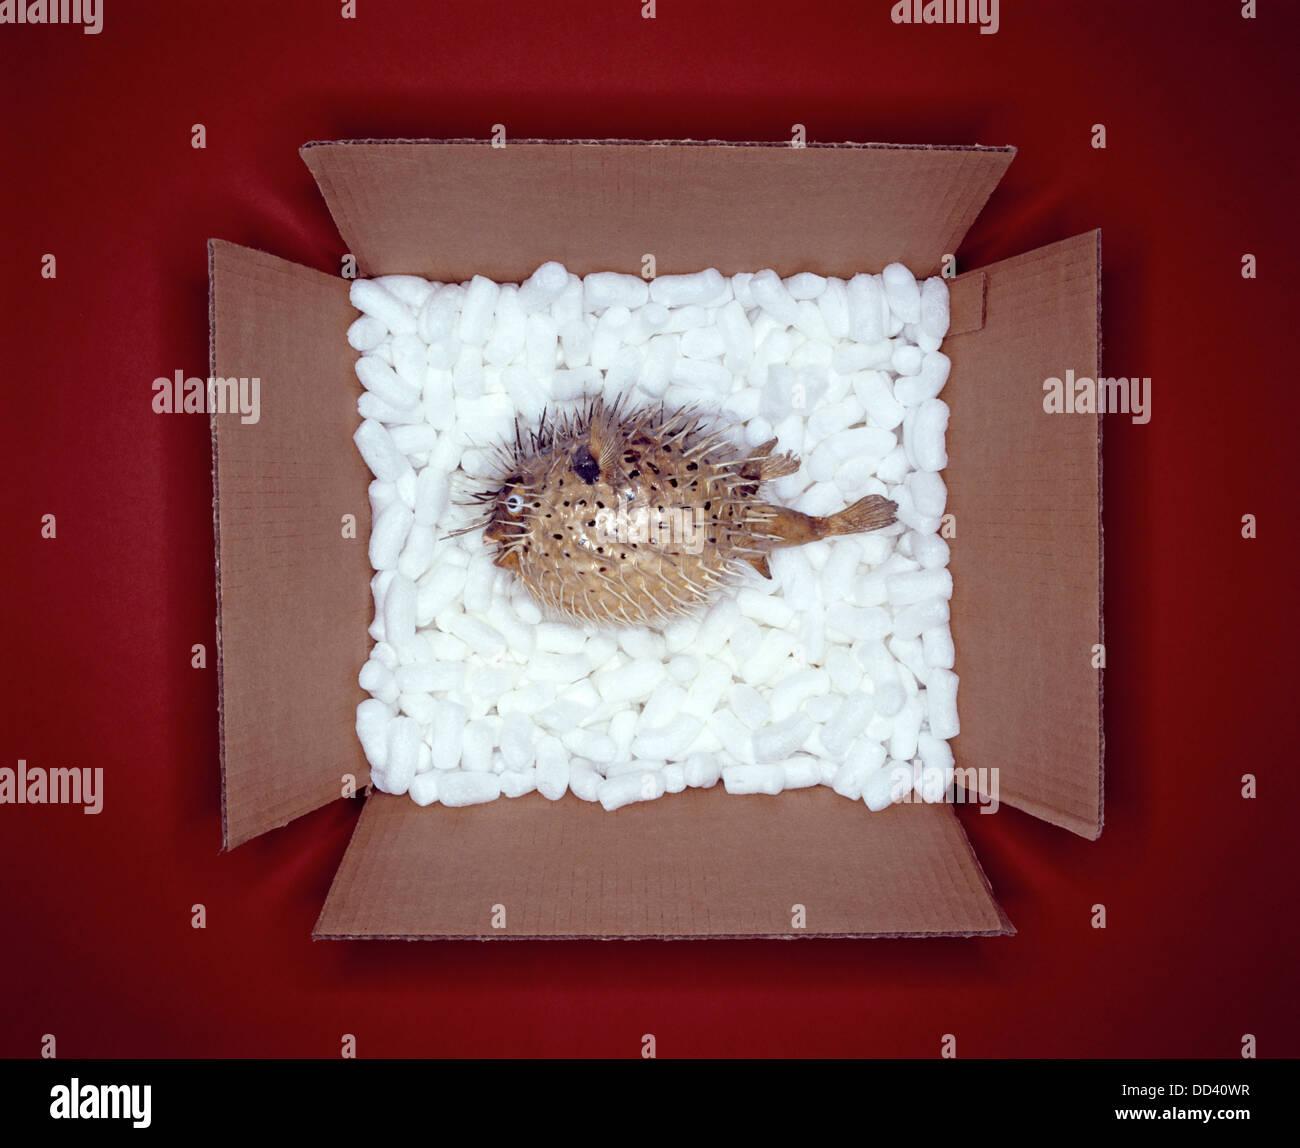 Un Puffer fish in una scatola di cartone con il bianco del materiale di imballaggio Immagini Stock